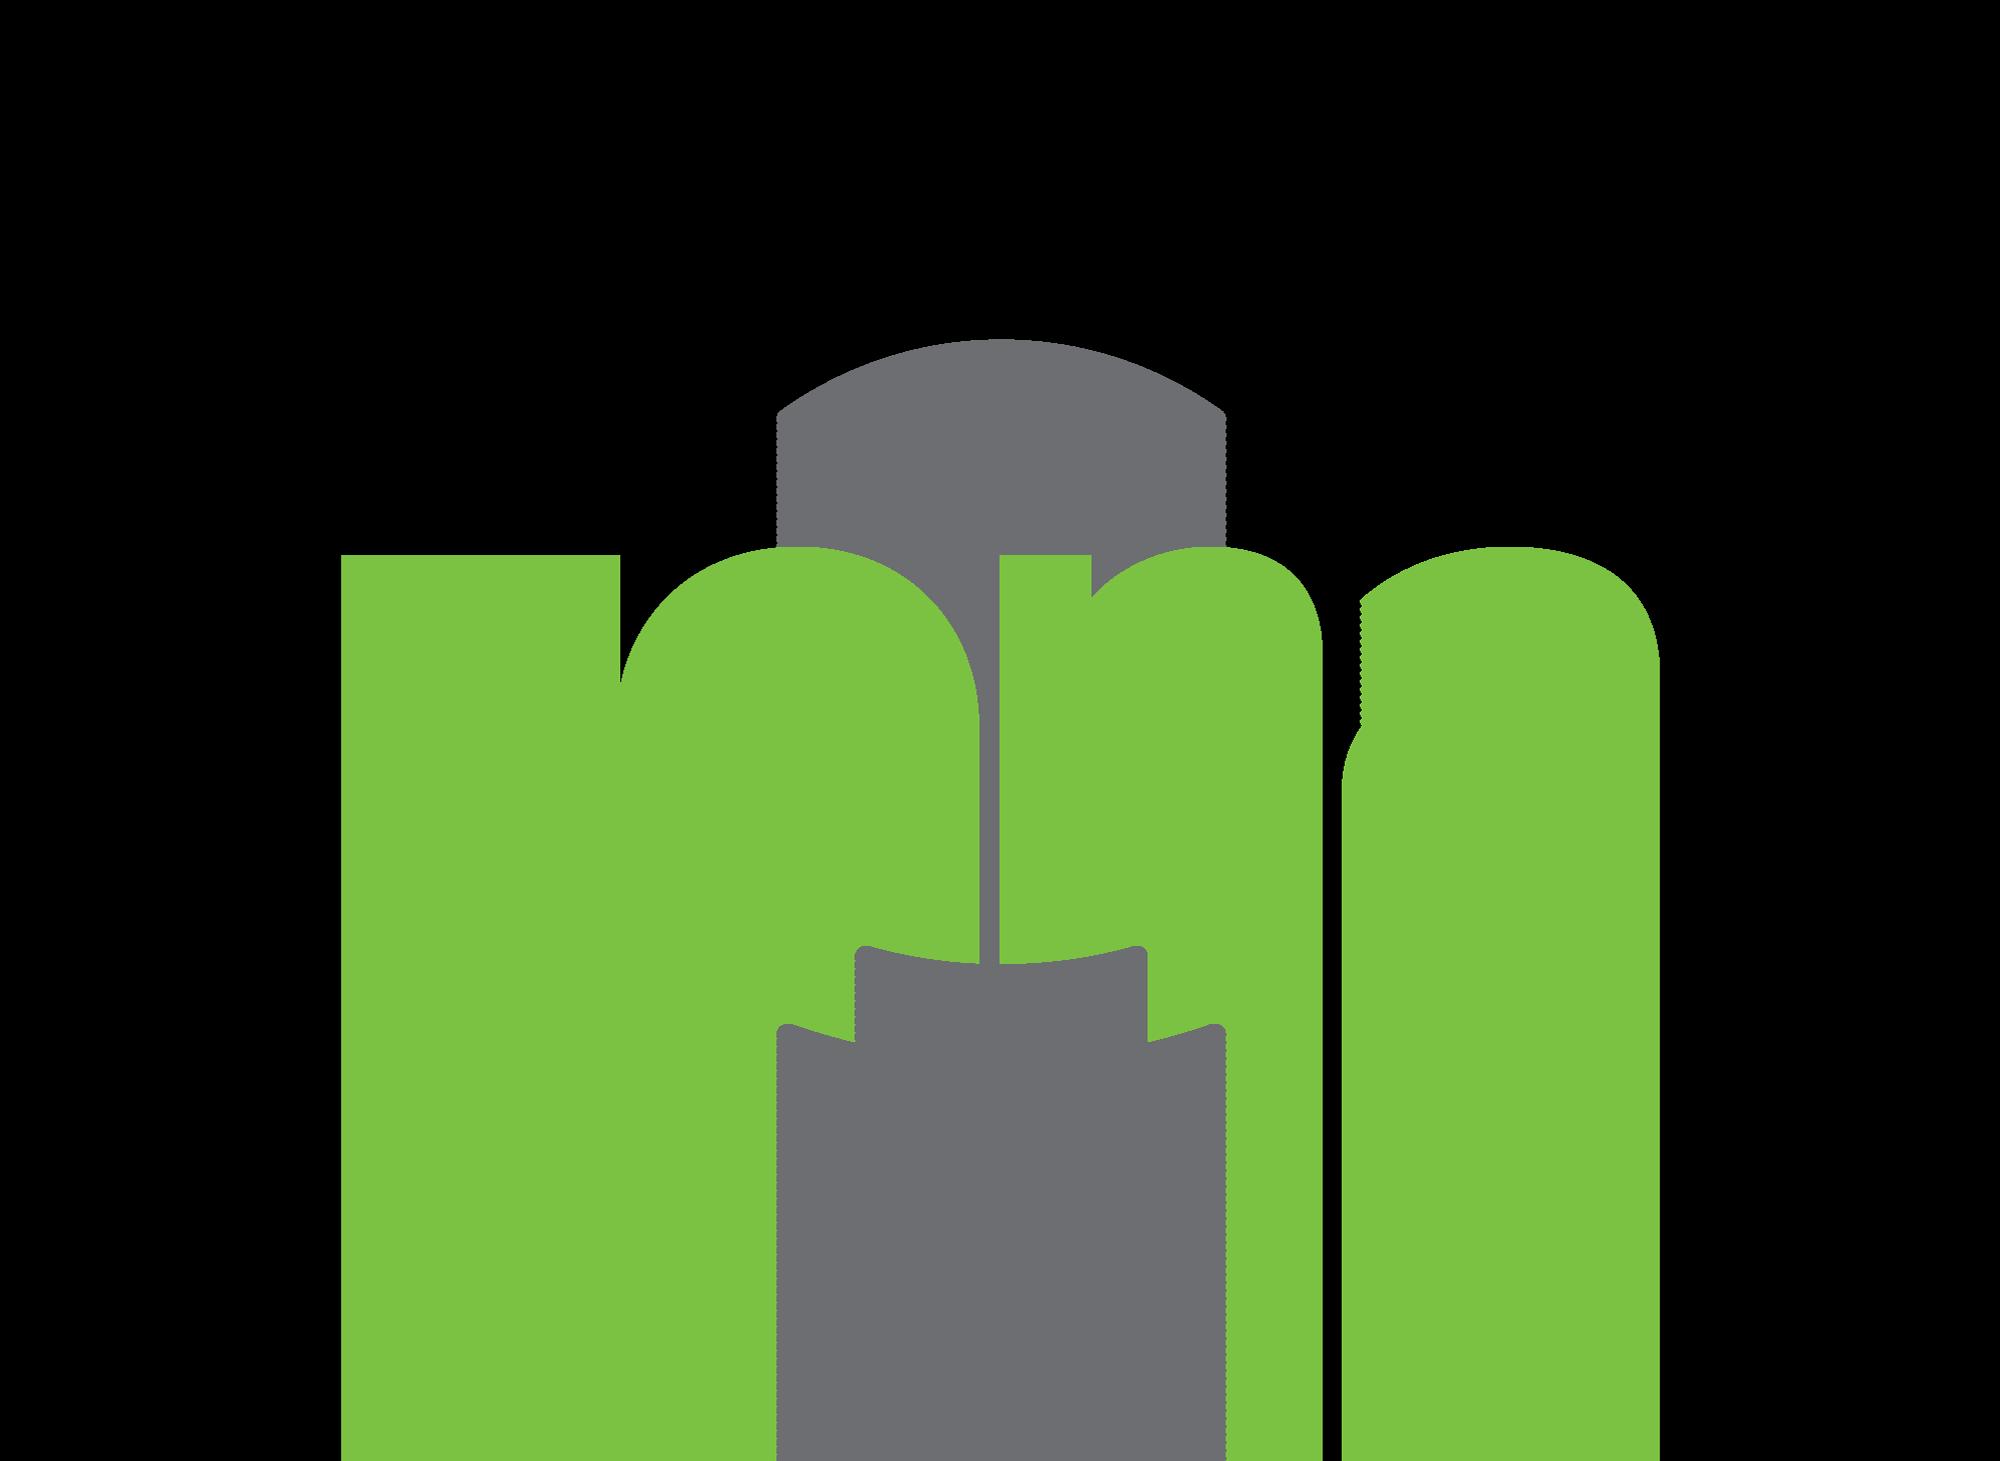 https://zona.ba - telecommunications, mobile network, home wi-fi, kućni internet, televizija